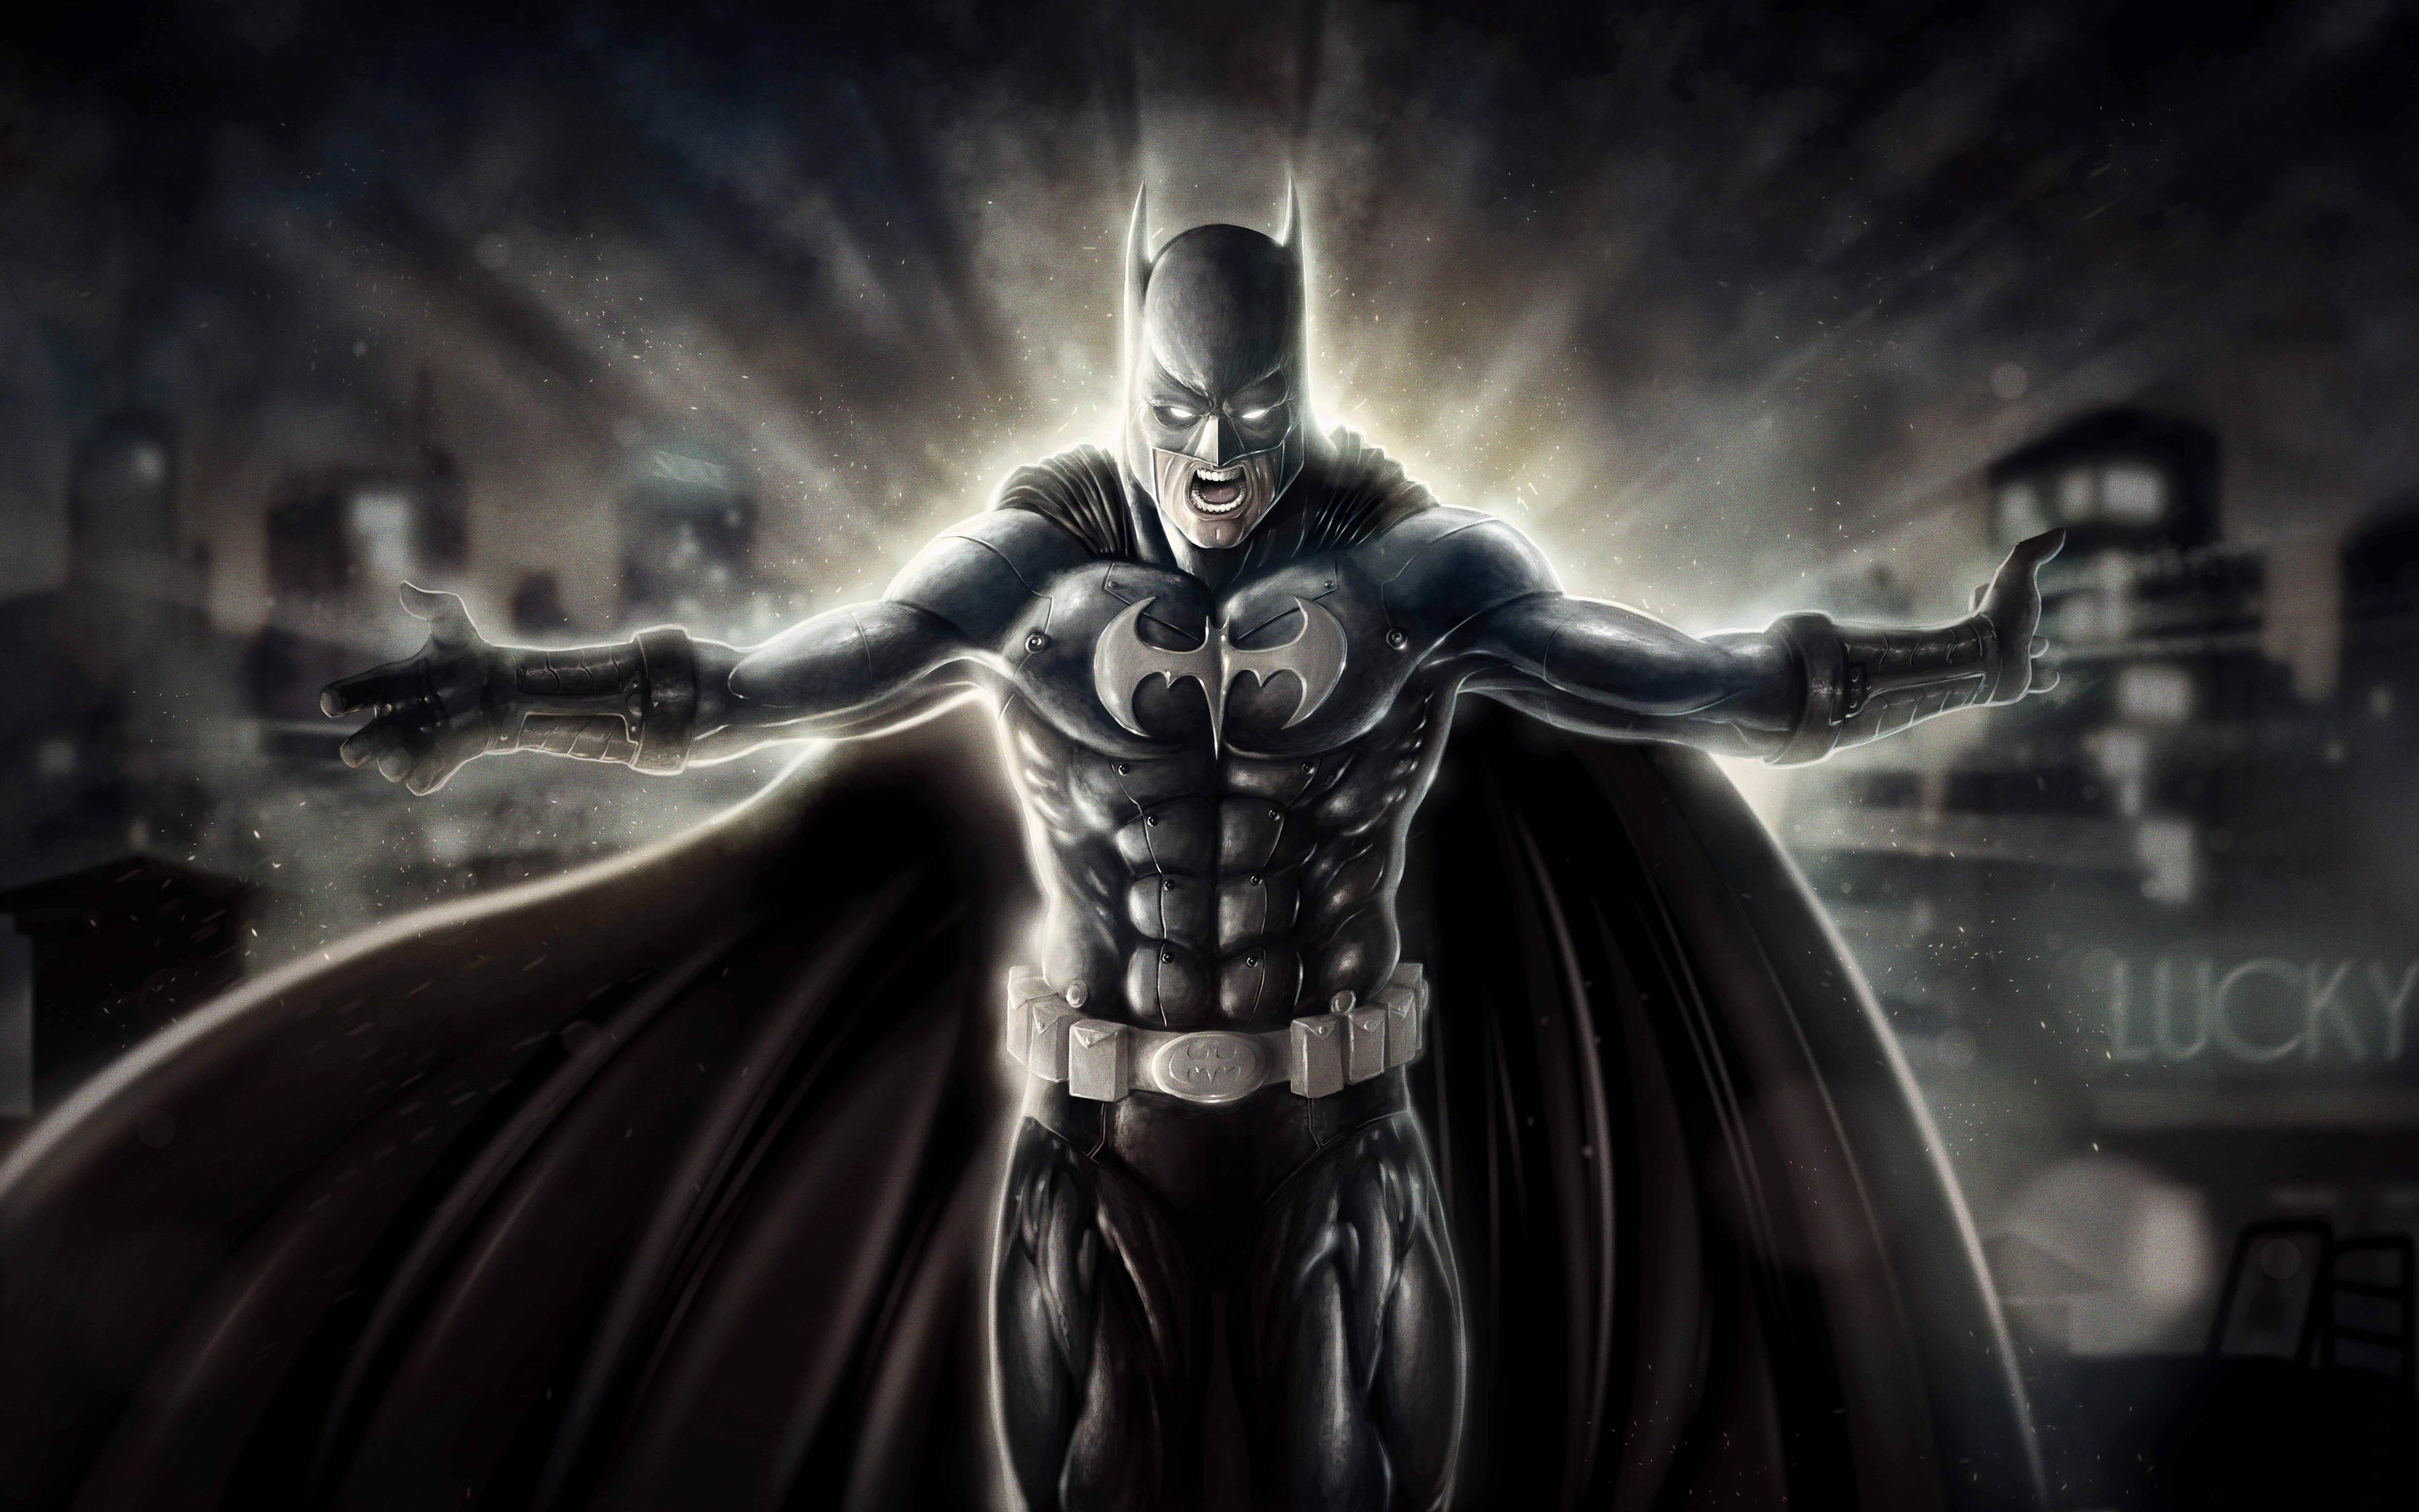 Batman sfondi per pc 4961x3101 id 261830 for Sfondi batman